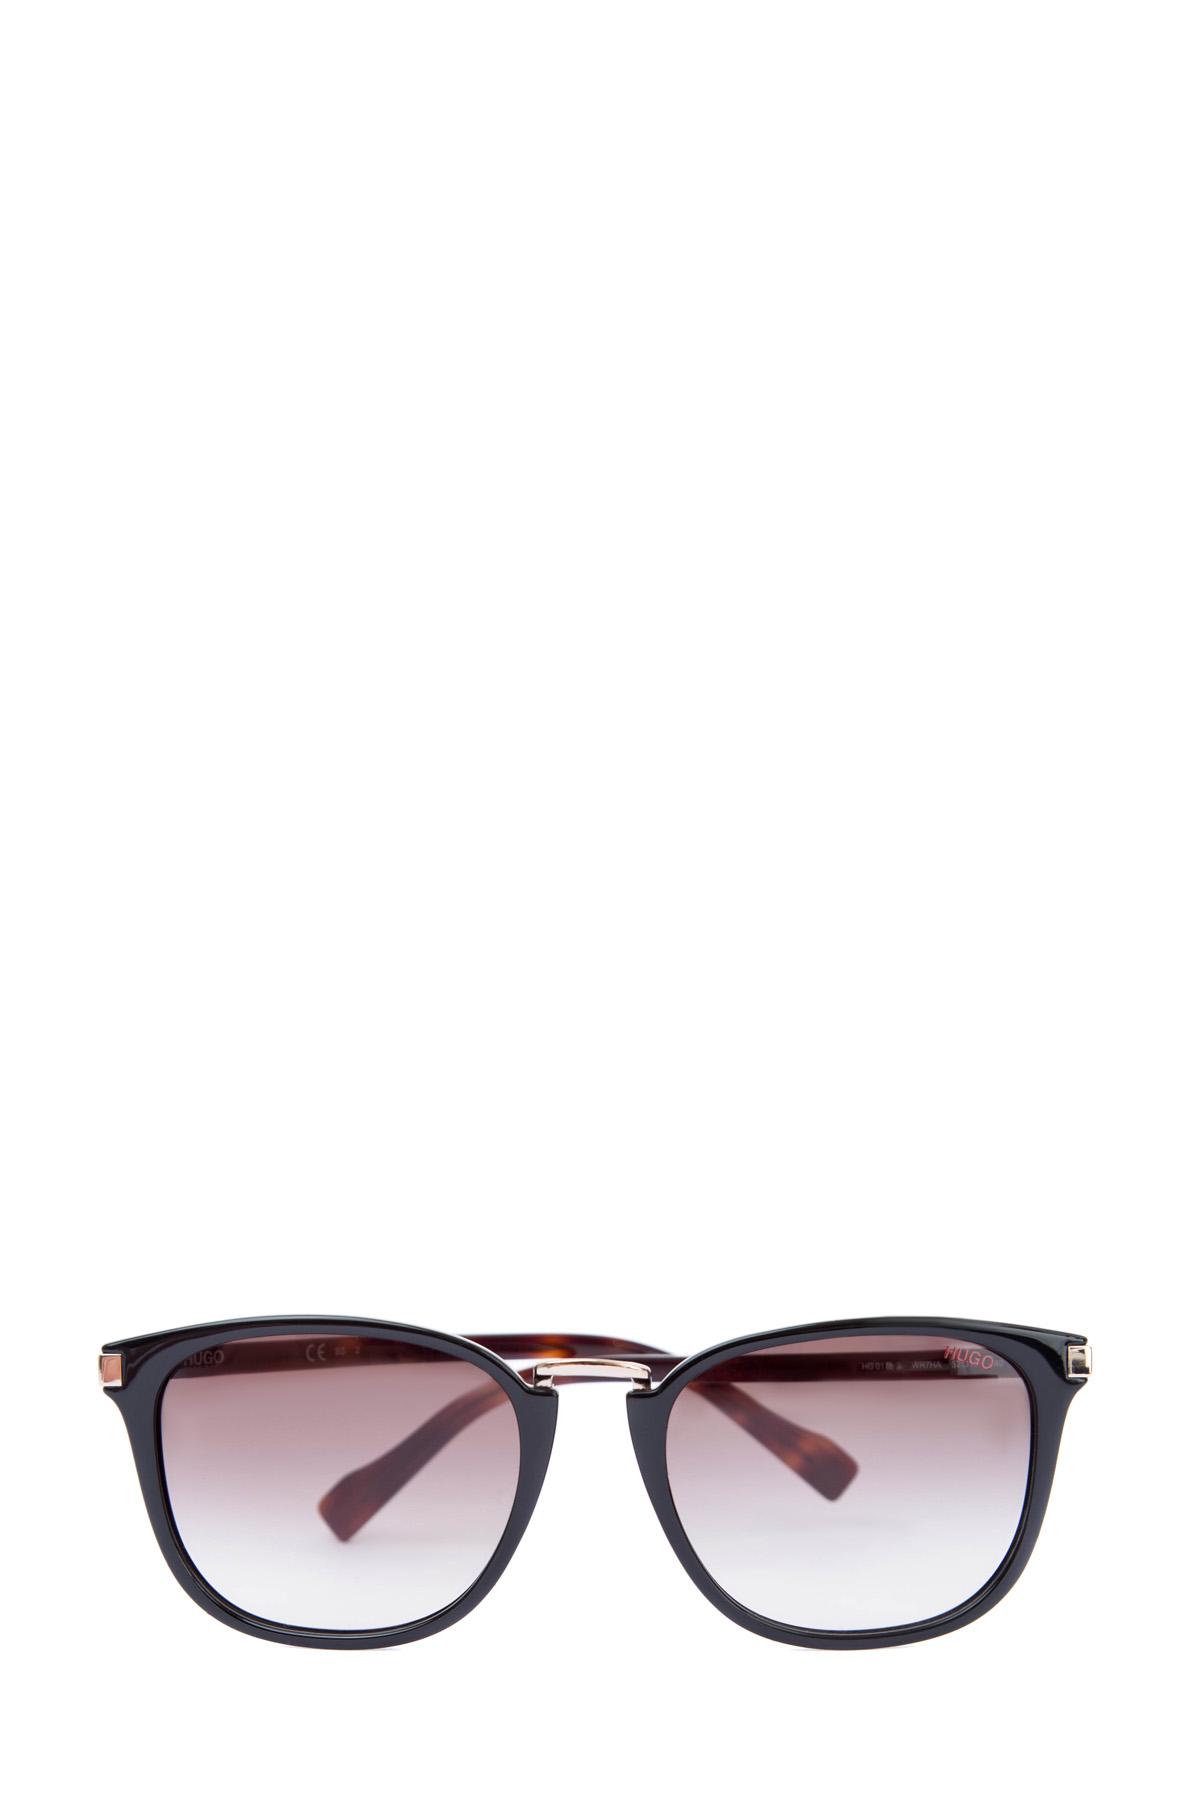 Купить Очки, HUGO BOSS (sunglasses), Германия, пластик 100%, стекло 100%